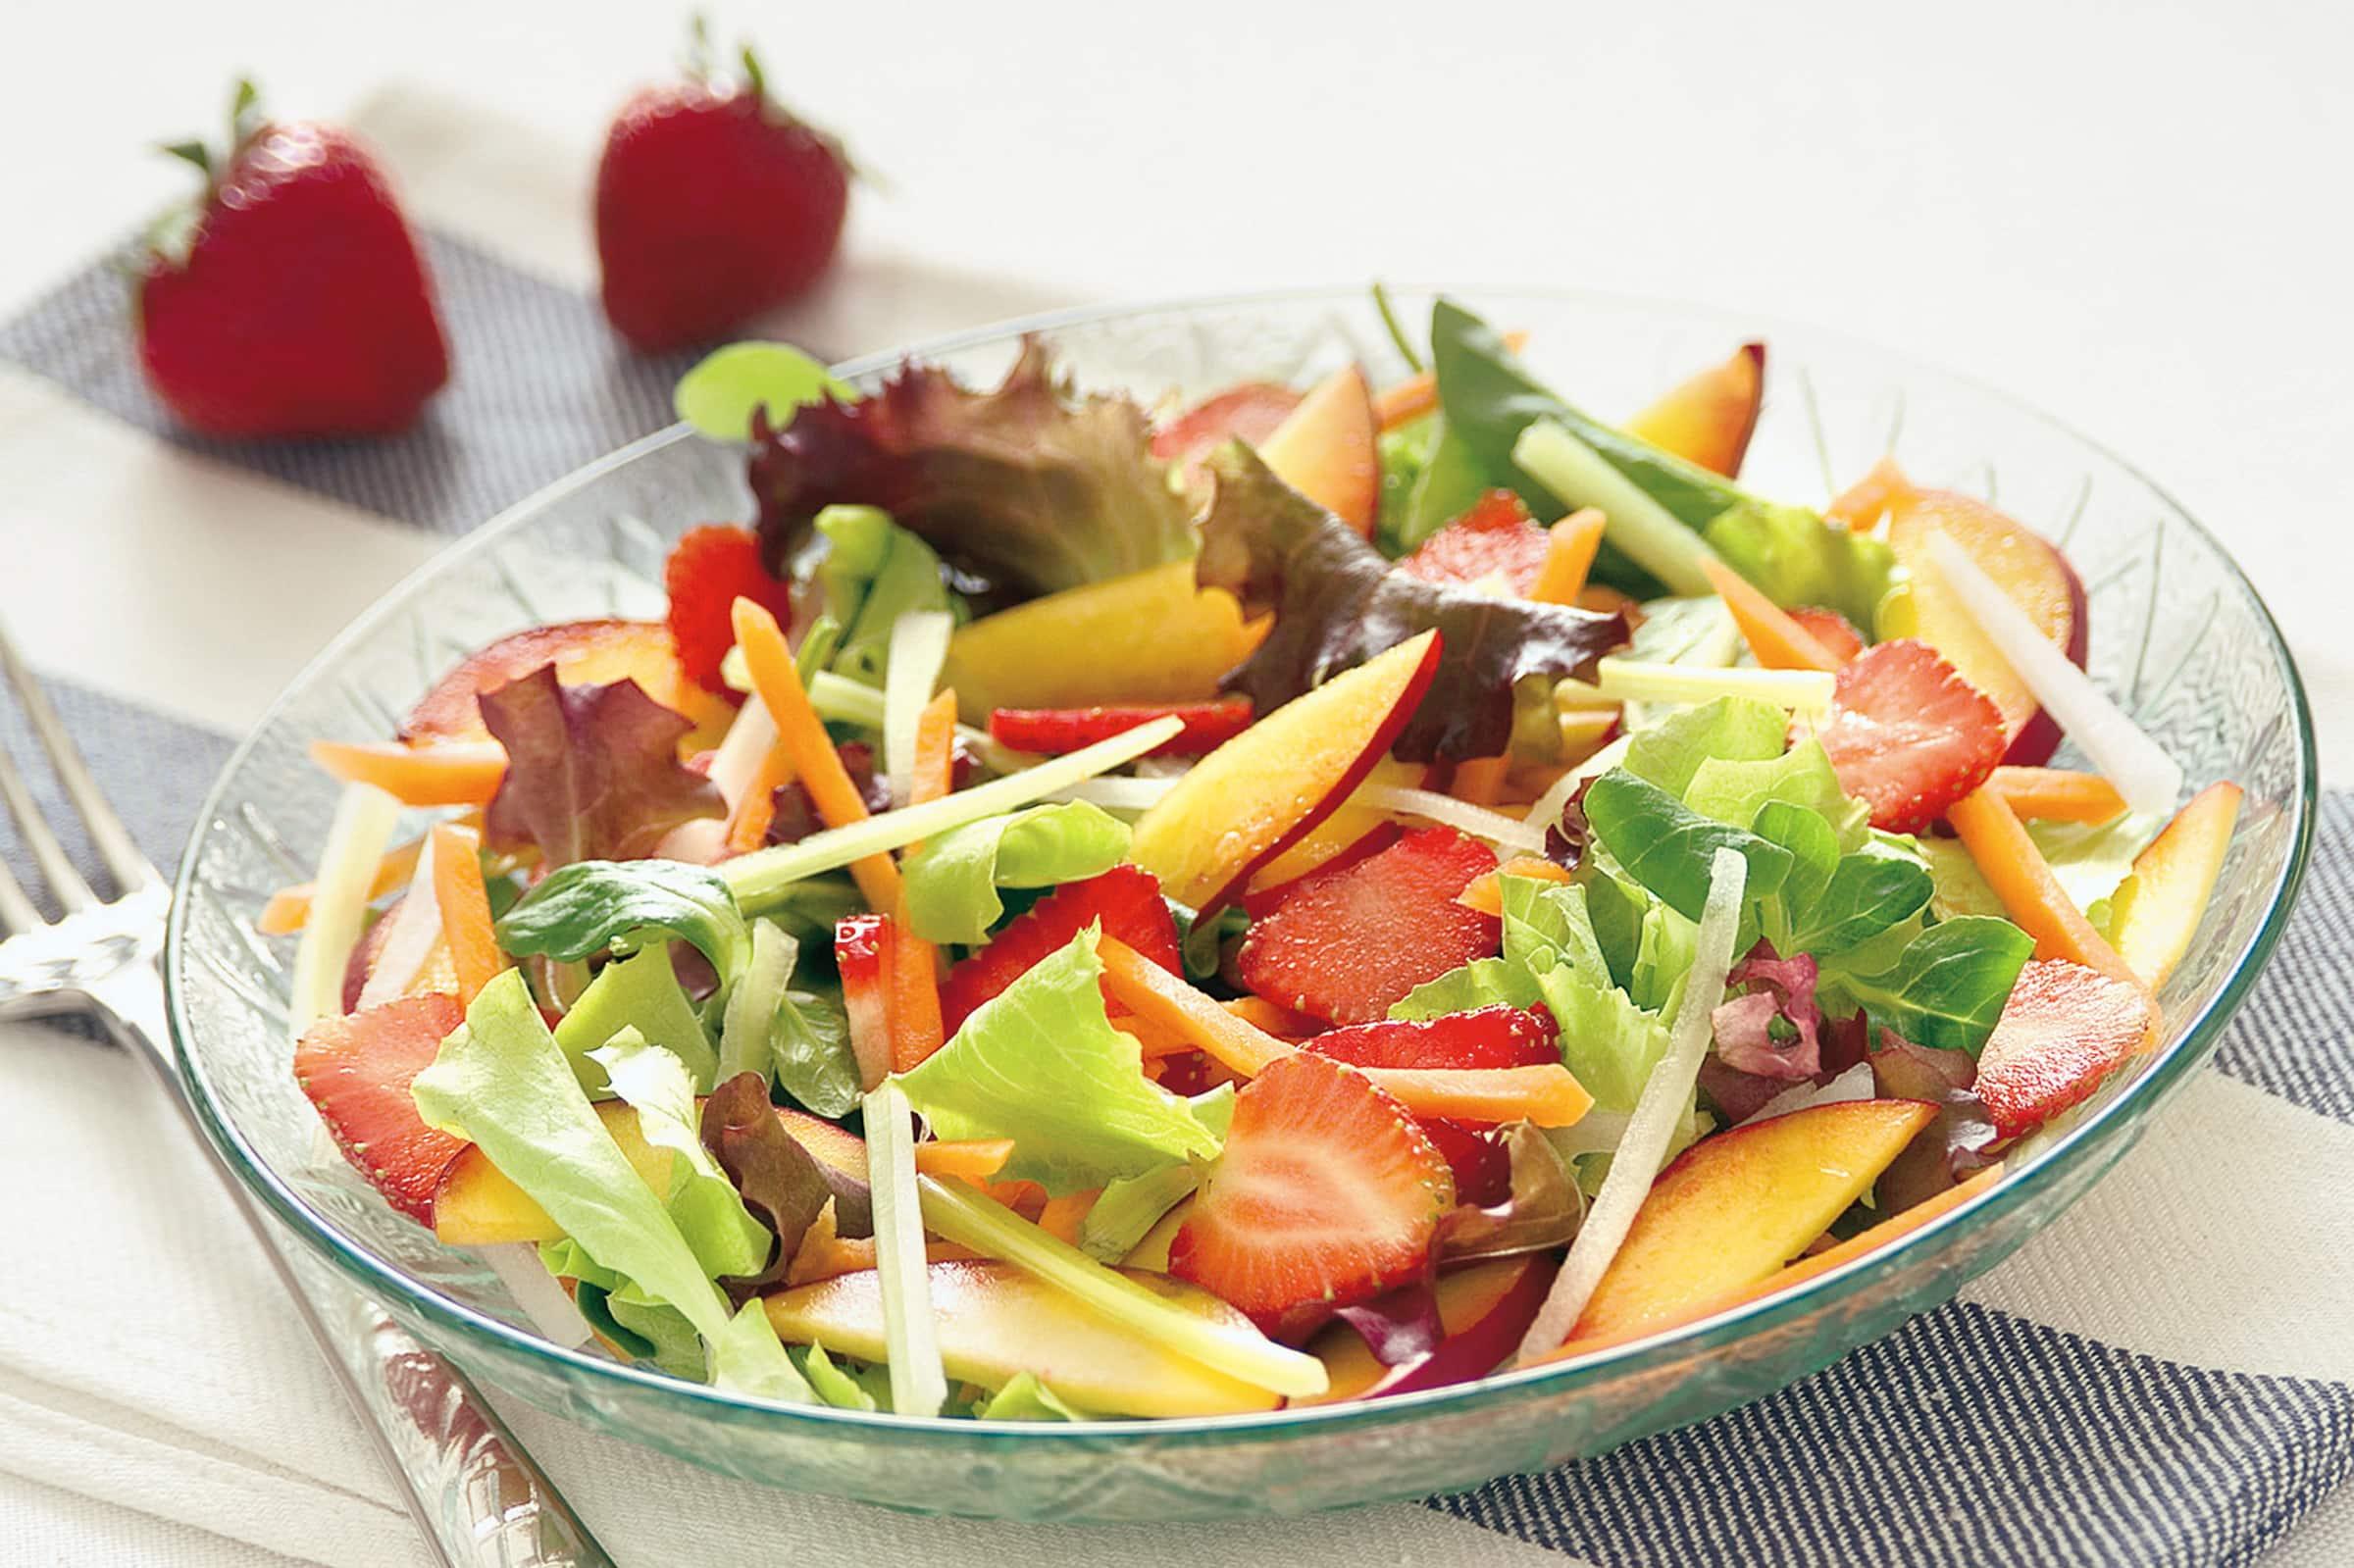 Insalata di misticanza con frutta estiva, semi di lino e provolone piccante